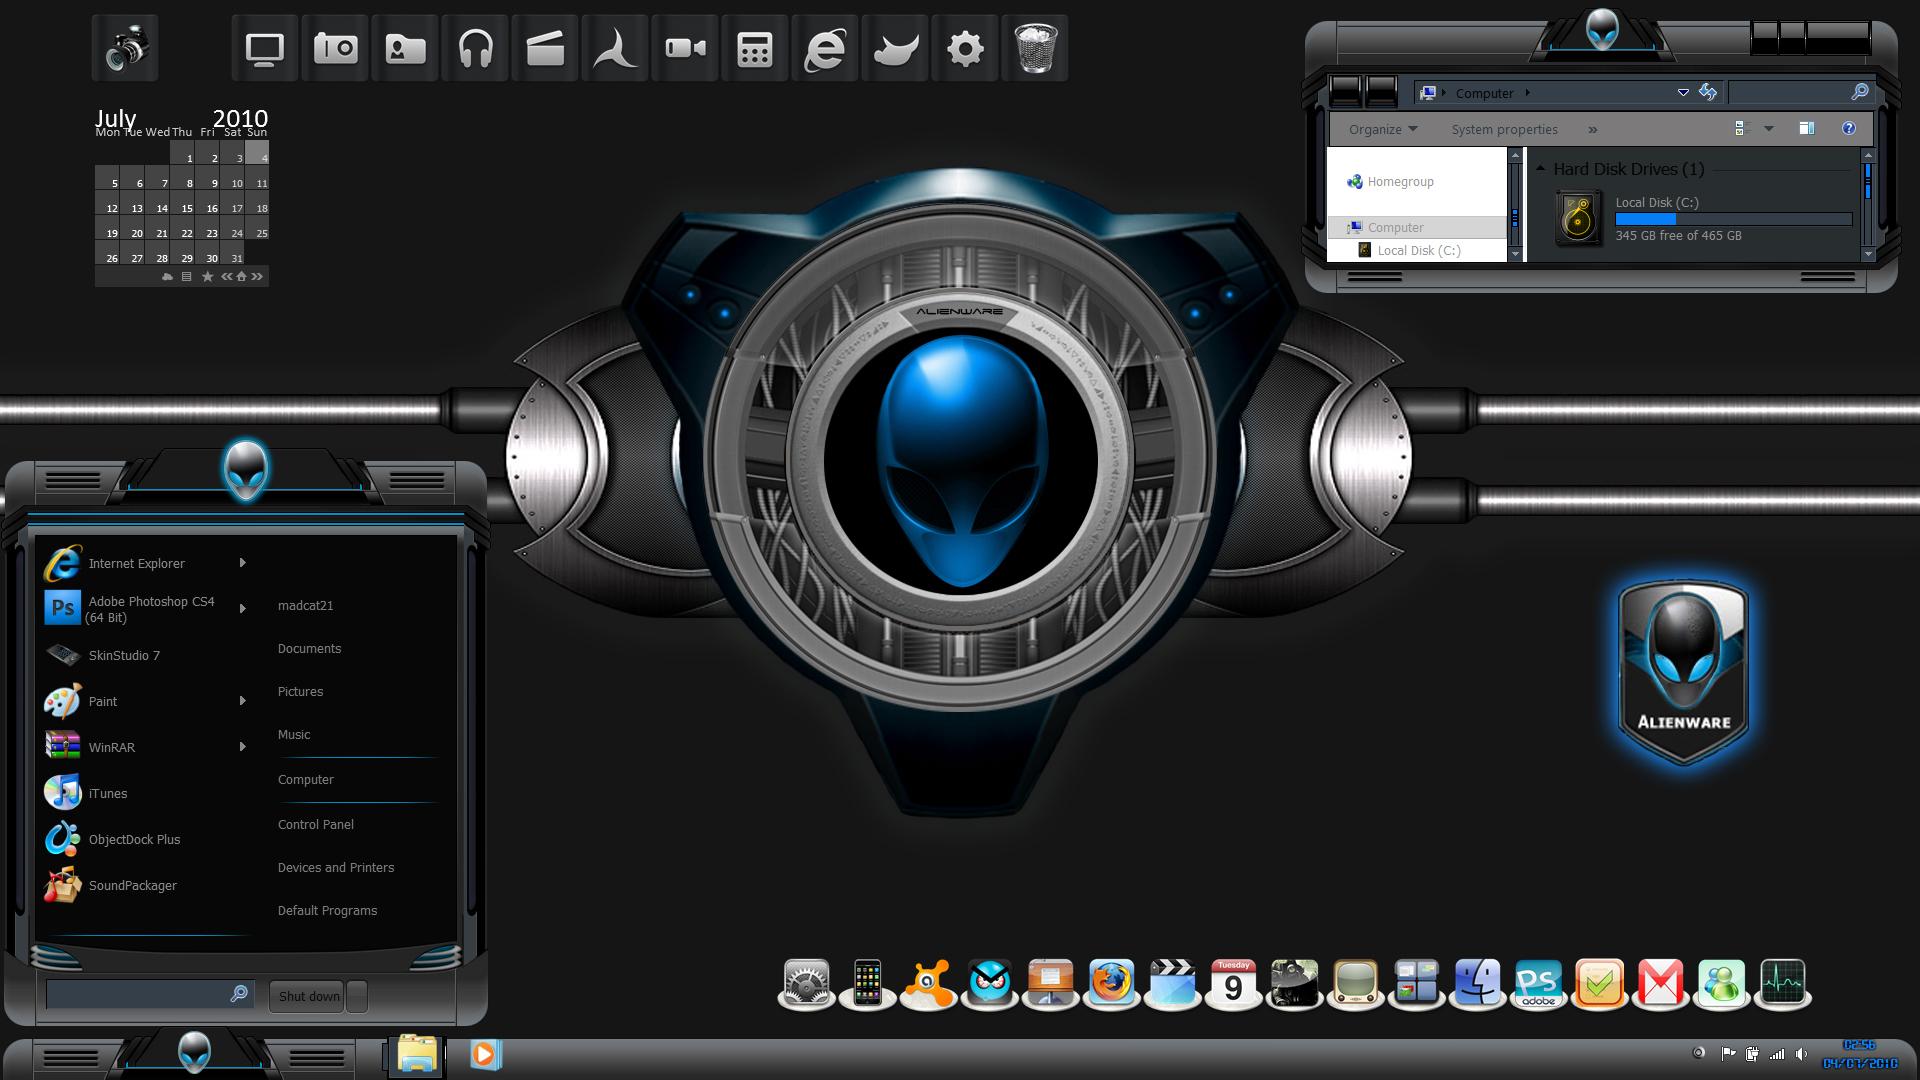 alienware wallpapers 1920x1080 alienware backgrounds for laptops 1920x1080